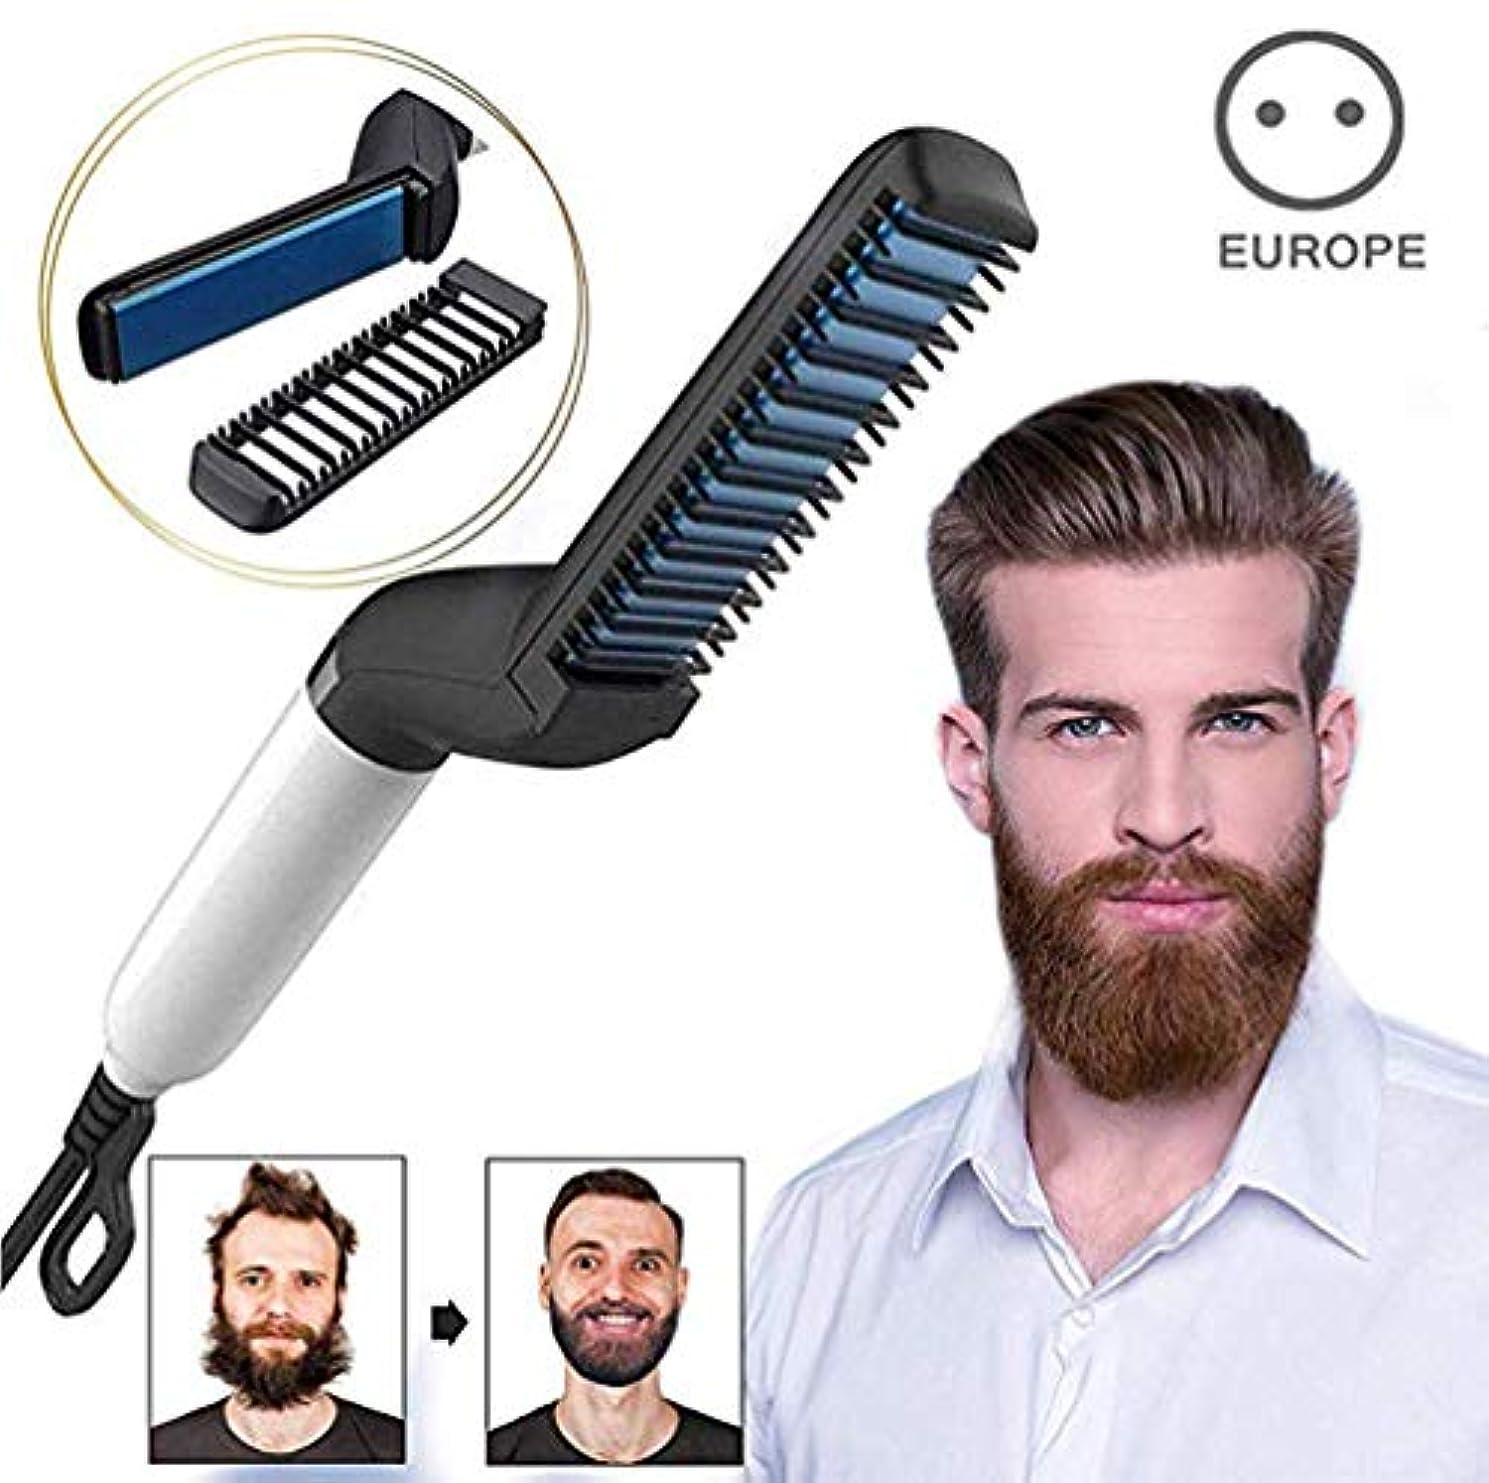 うめき恐ろしいですコート男性ストレートナーひげと髪多機能高速ひげくし鉄ストレートナーひげセラミックヴォルマイズ滑らかにまっすぐに平らな髪